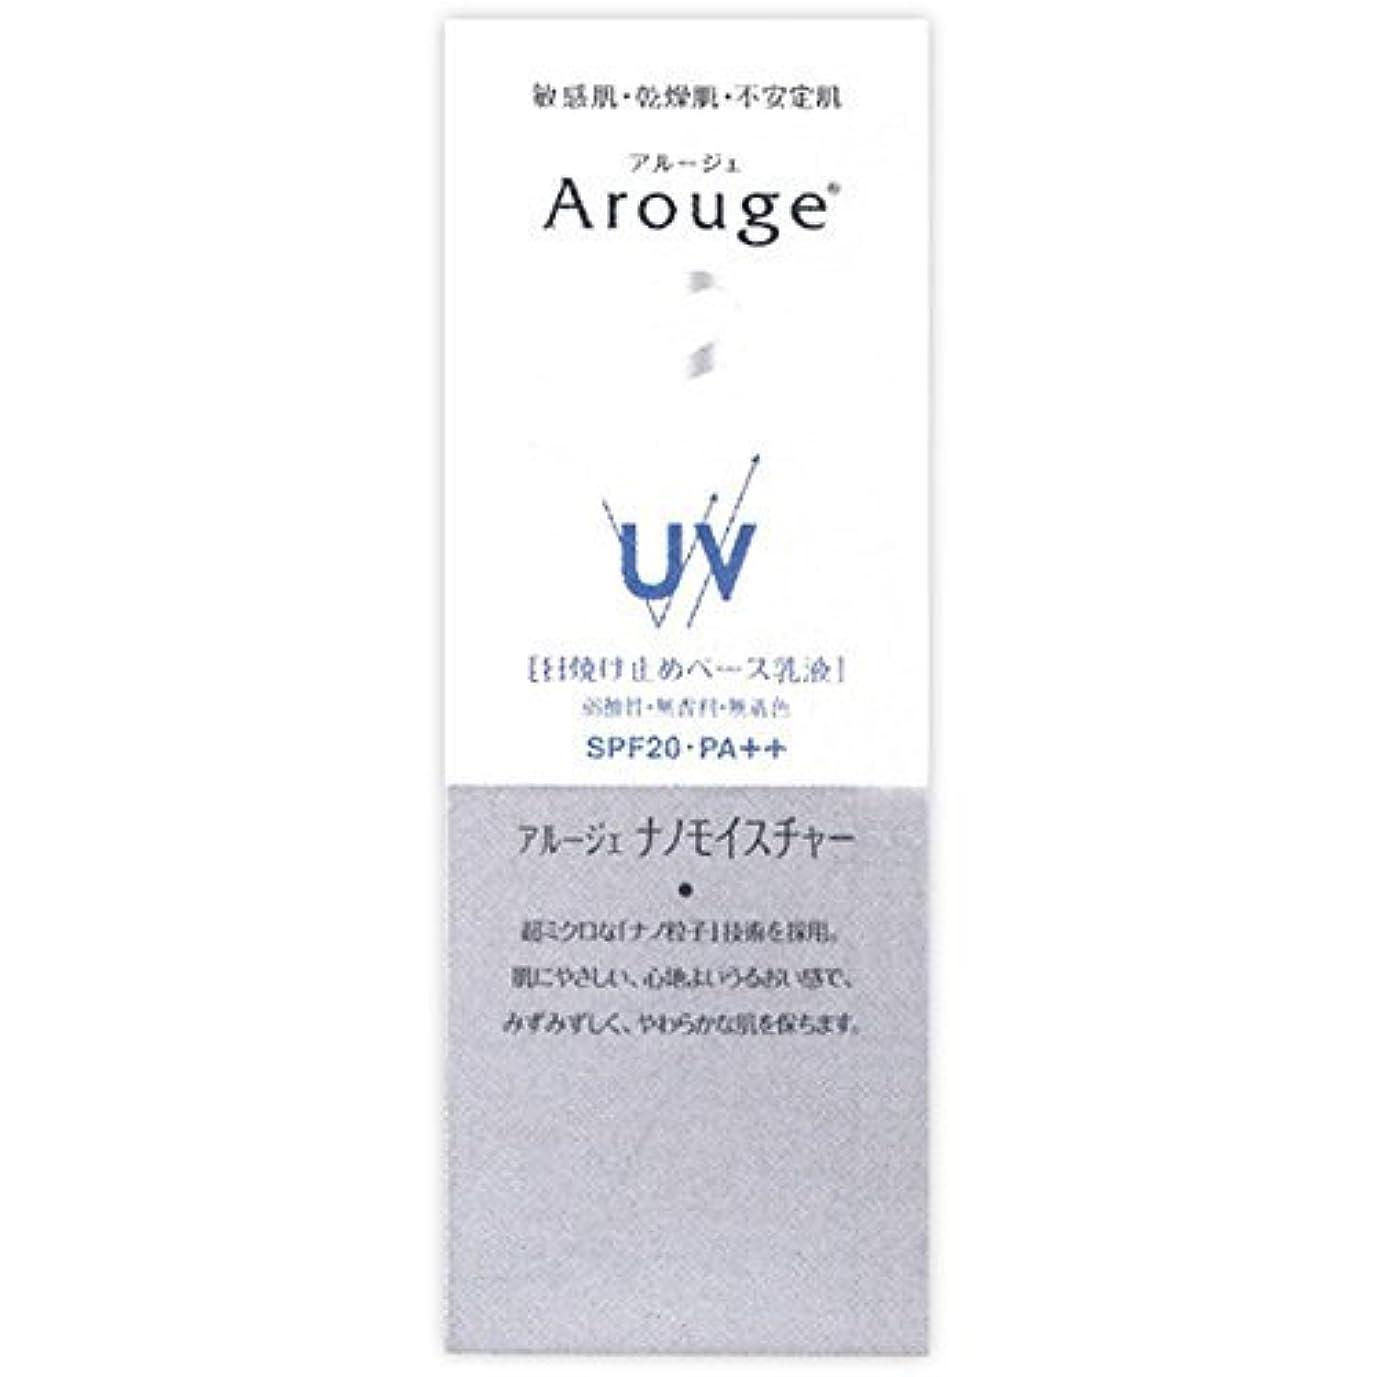 モス残酷な付き添い人アルージェ UV モイストビューティーアップ日焼け止めベース乳液25g (SPF20?PA++)